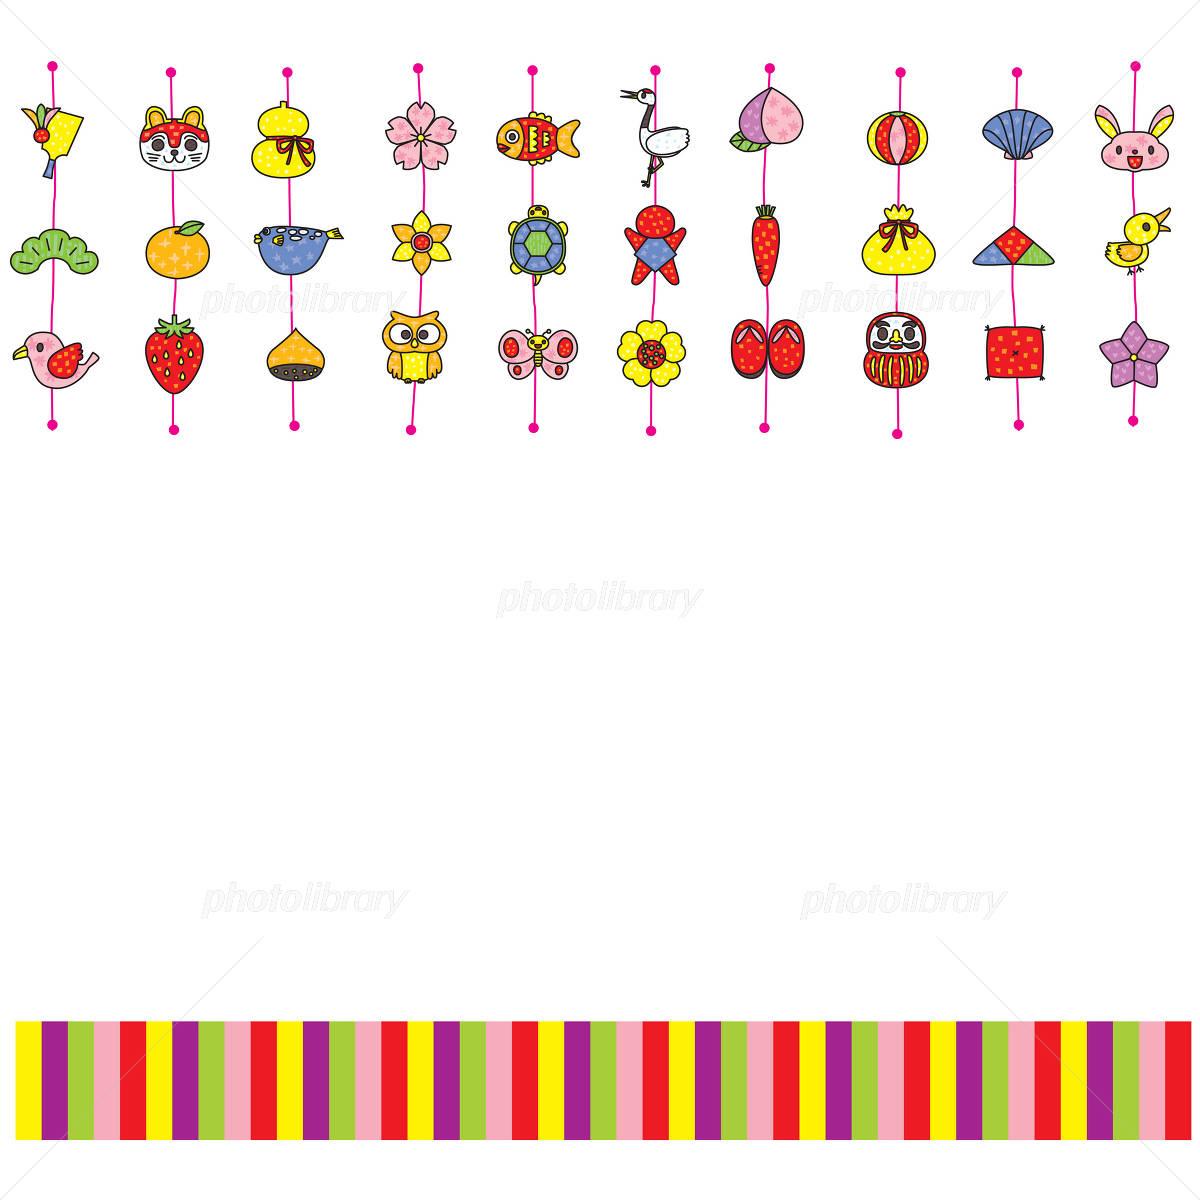 つるし雛飾り罫 イラスト素材 1233821 フォトライブラリー